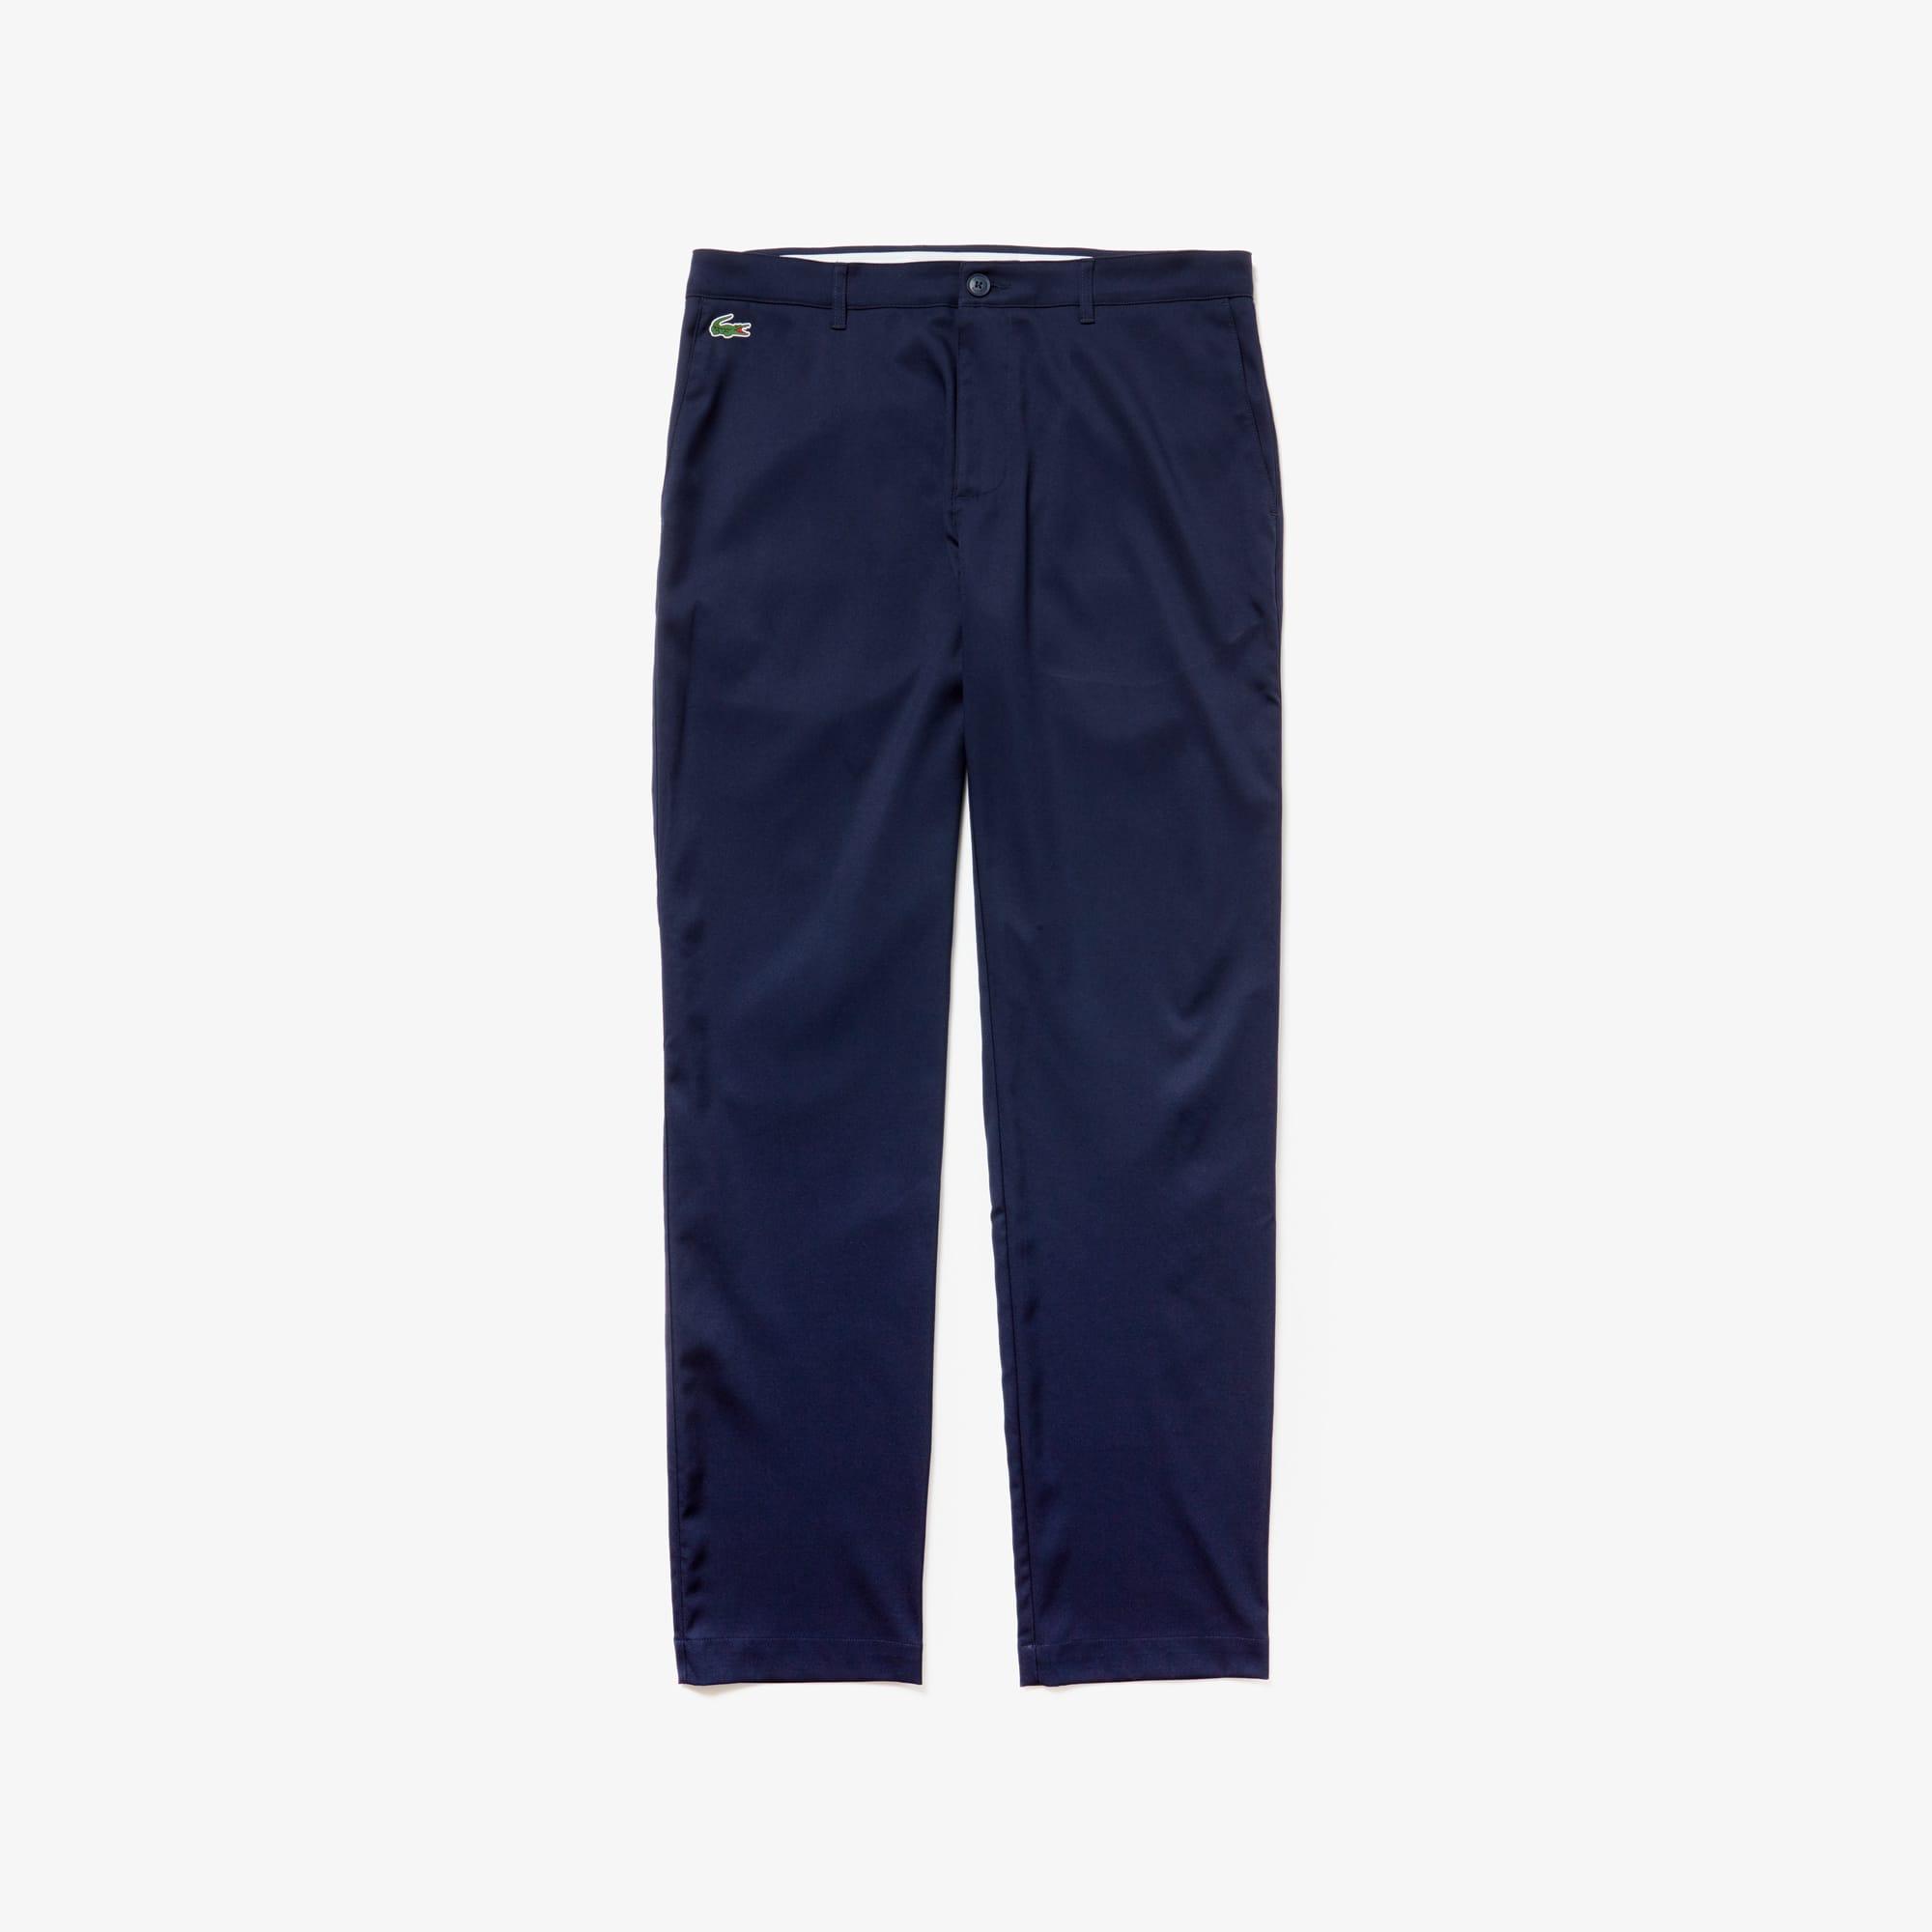 Men's SPORT Technical Gabardine Golf Chino Pants